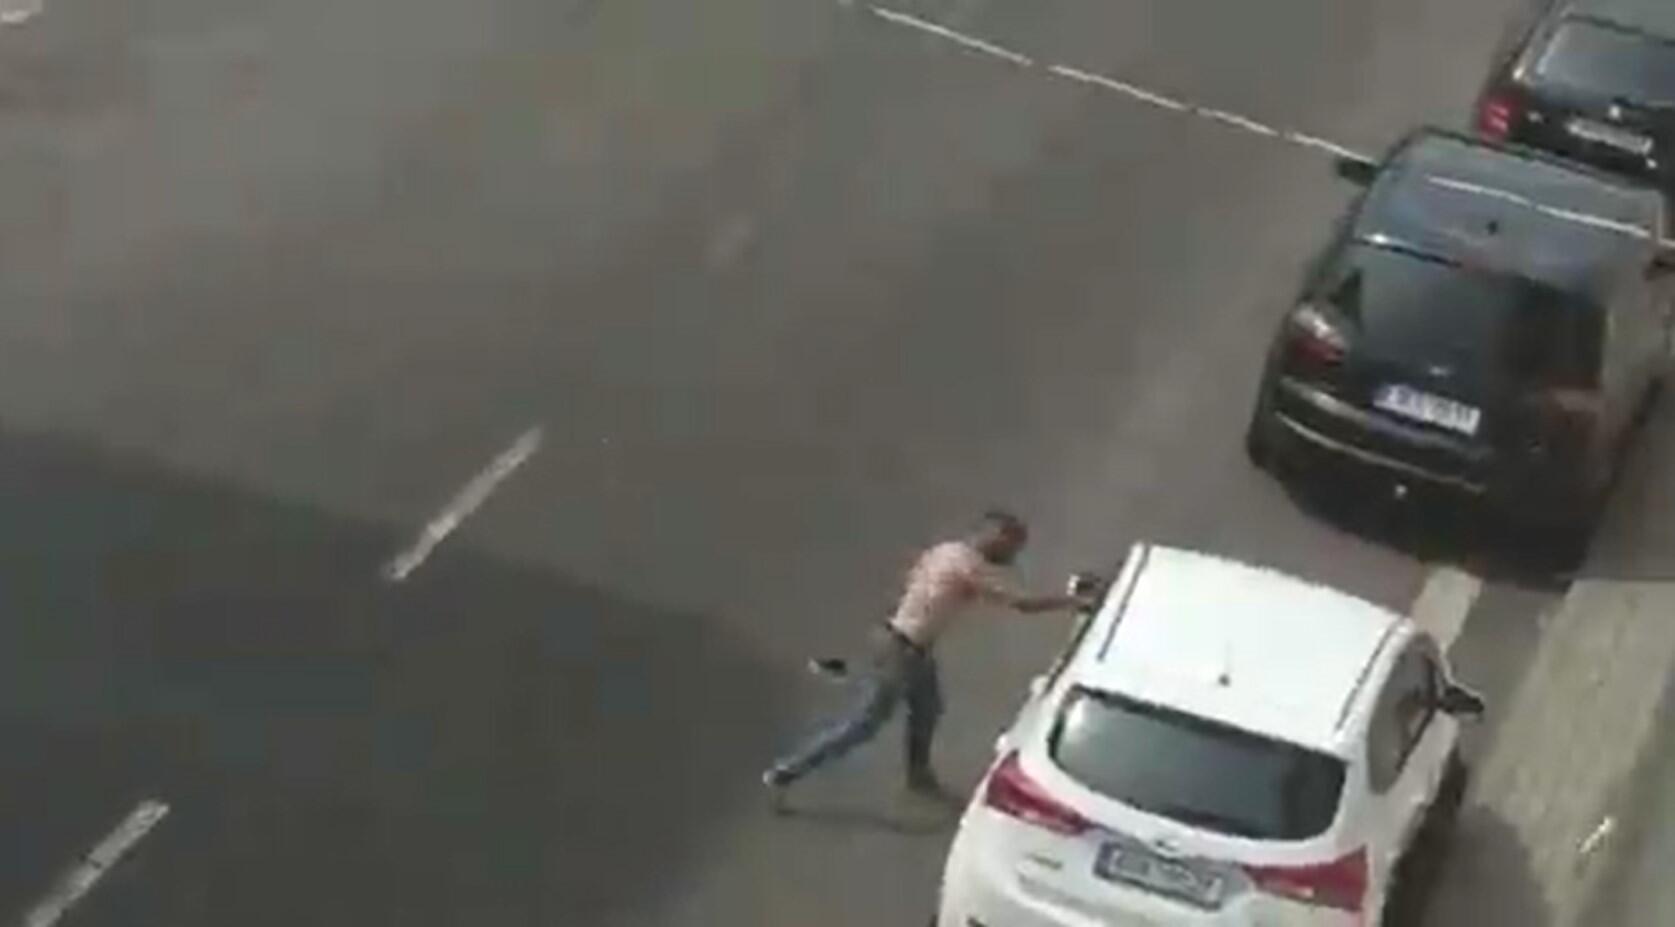 Un homme ressemblant à Stanislas Tomas et identifié comme tel par la police en train de s'en prendre à une voiture à une centaine de mètres du lieu de son interpellation (coordonnées : 50.644746, 13.821369).